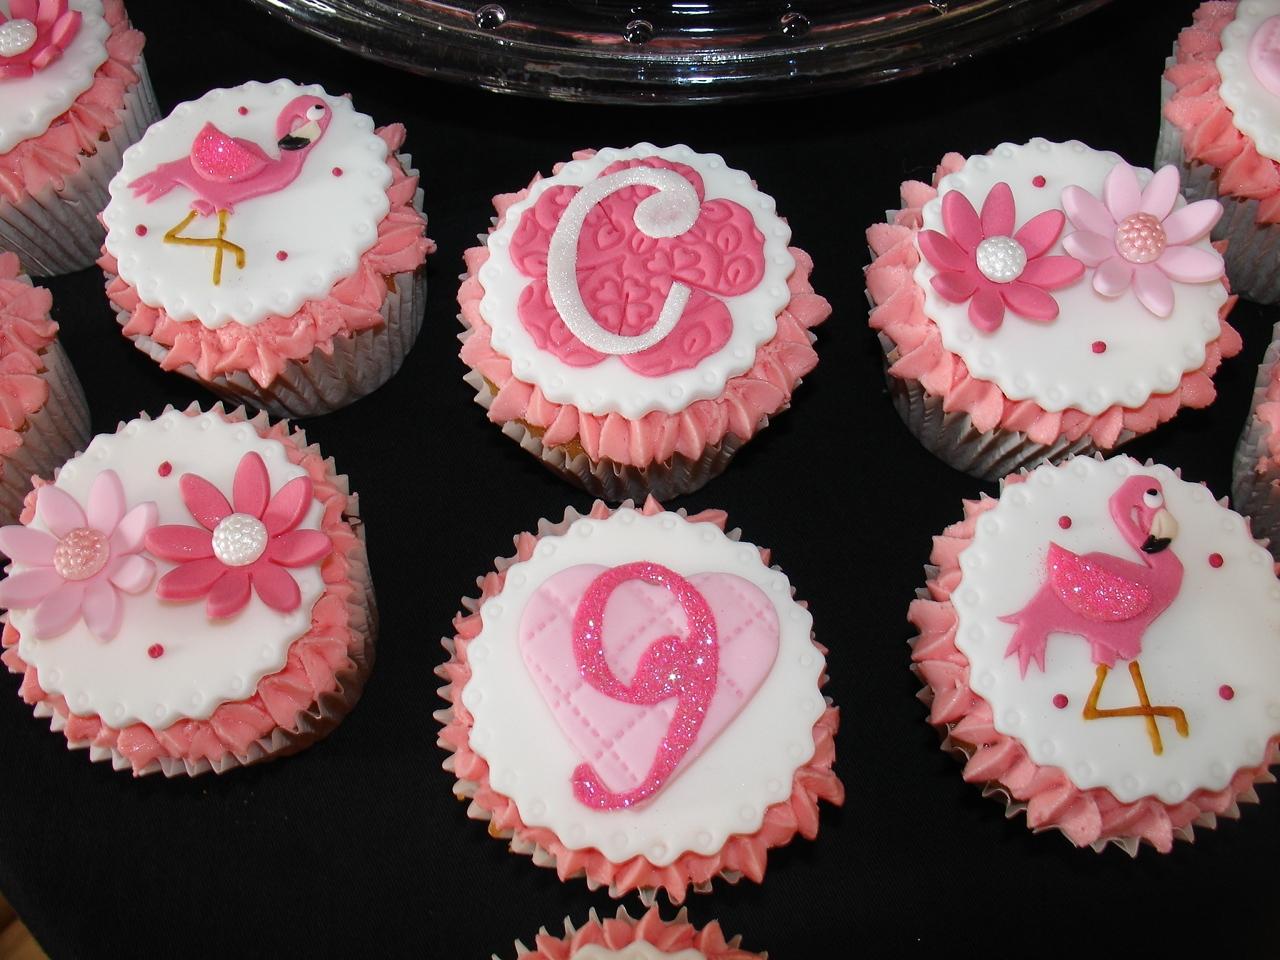 Flamingo Buttercream Cake With Cupcakes Cakecentral Com